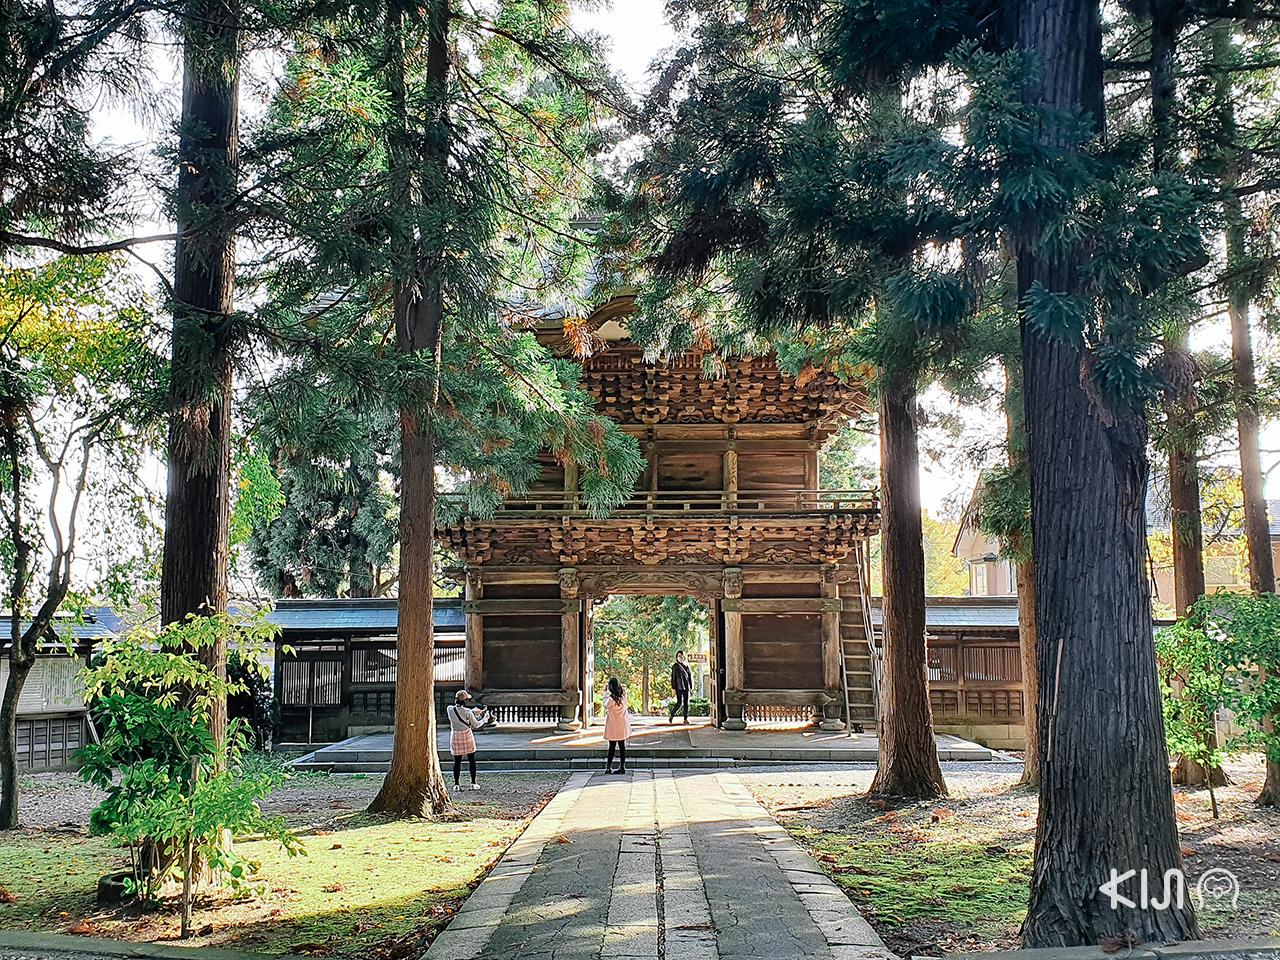 ทริป ใบไม้เปลี่ยนสี โทโฮคุ : โฮออนจิ (Hoonji Temple)